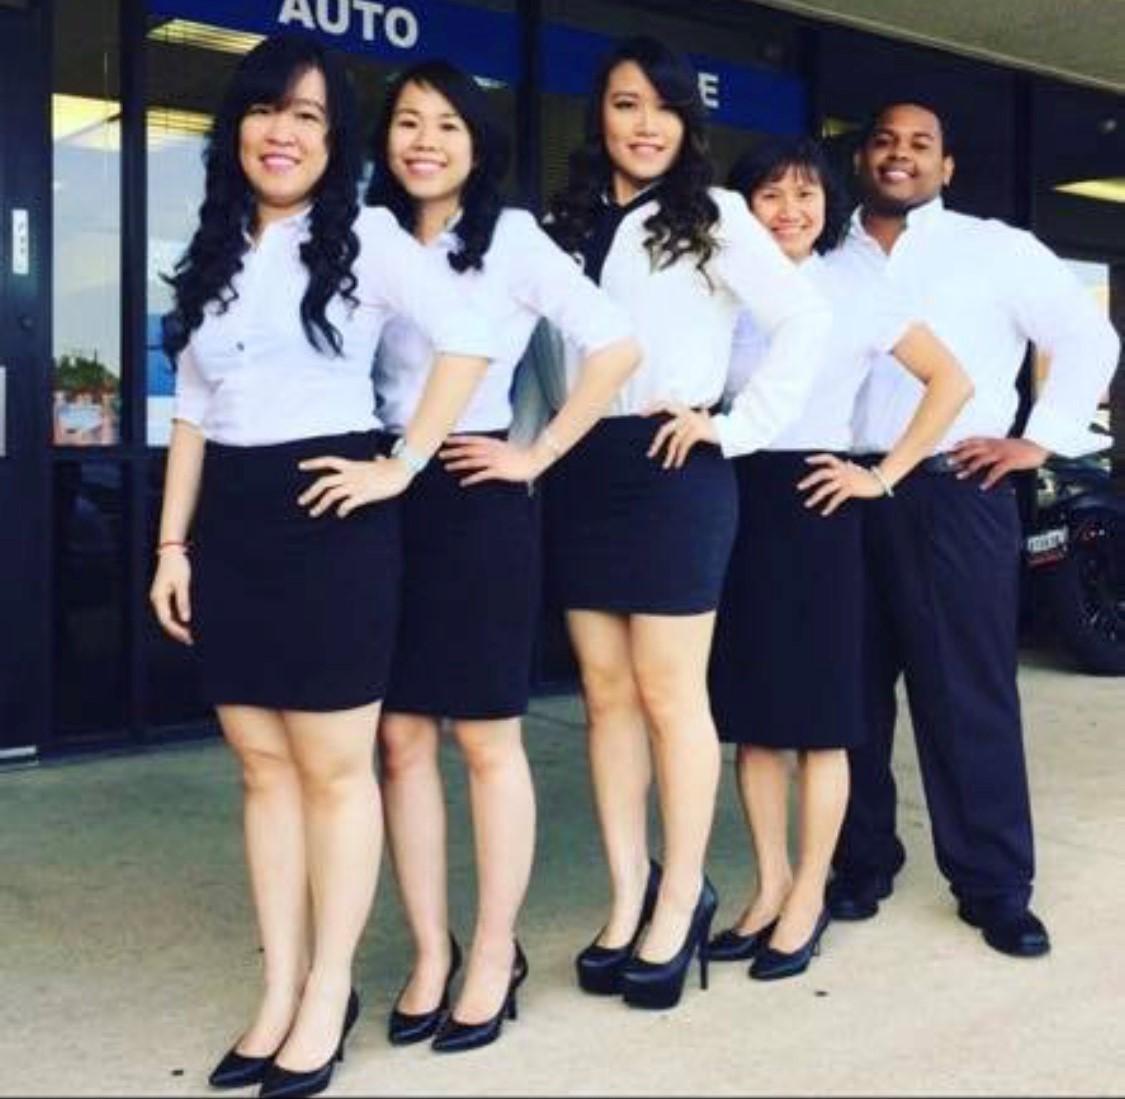 Thao Nguyen: Allstate Insurance